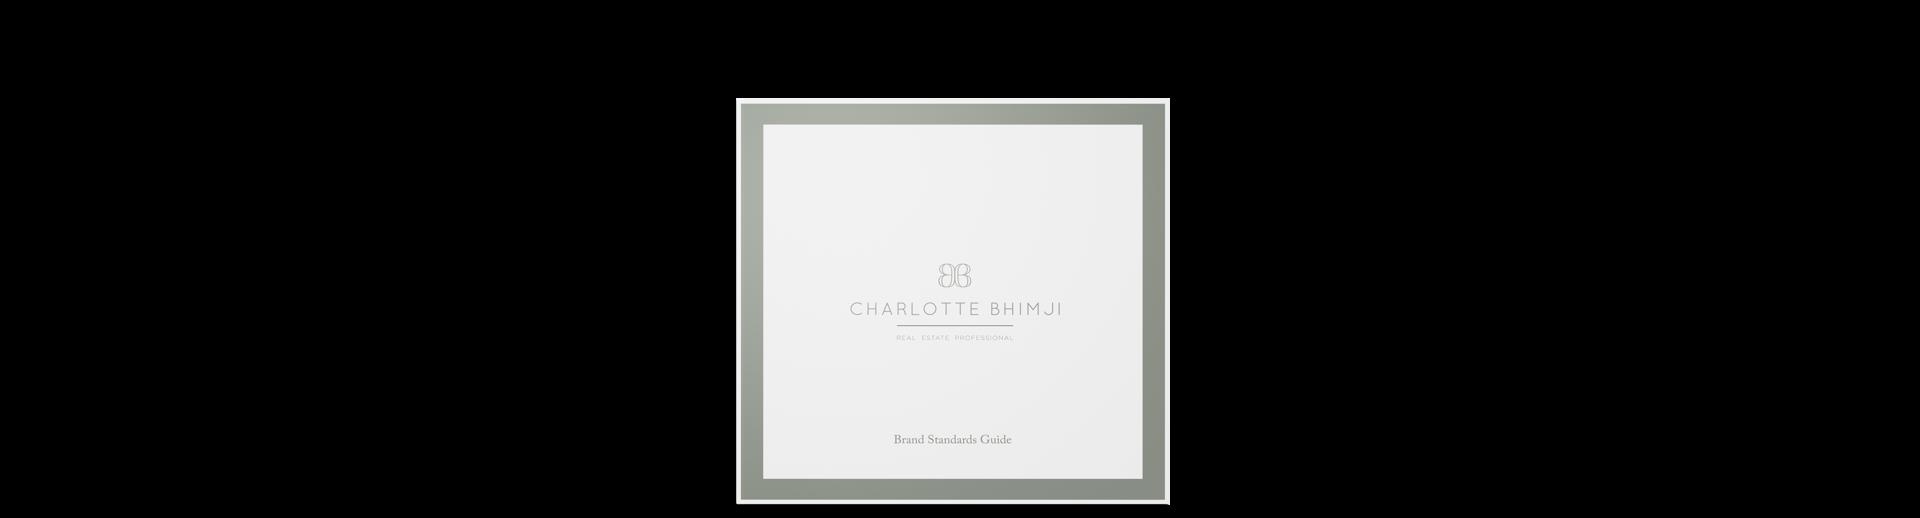 Realtor branding and website design for Charlotte Bhimji magazine branding